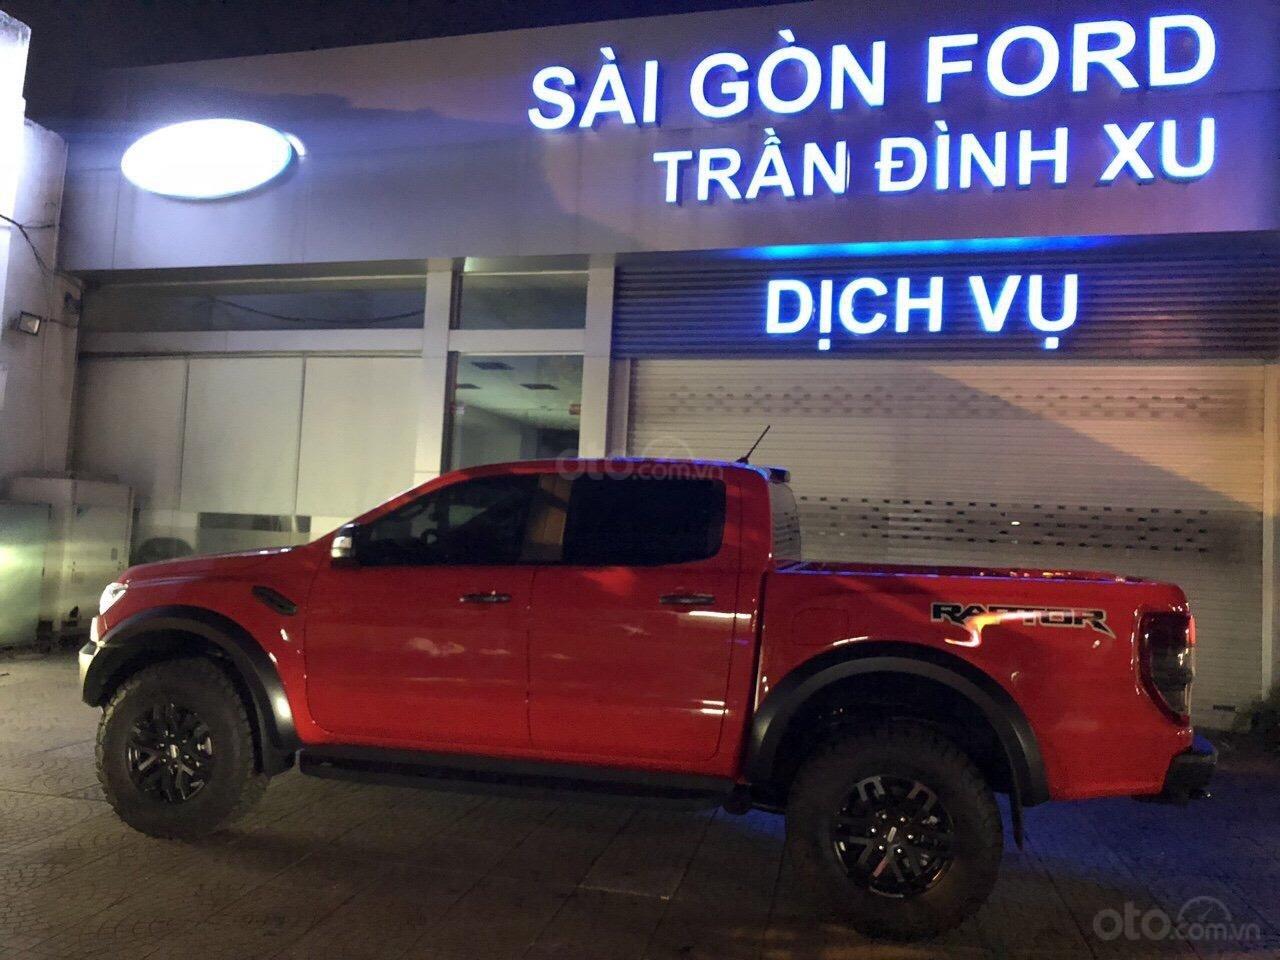 Bán xe Ford Ranger Raptor 2019 giá cực sốc (4)